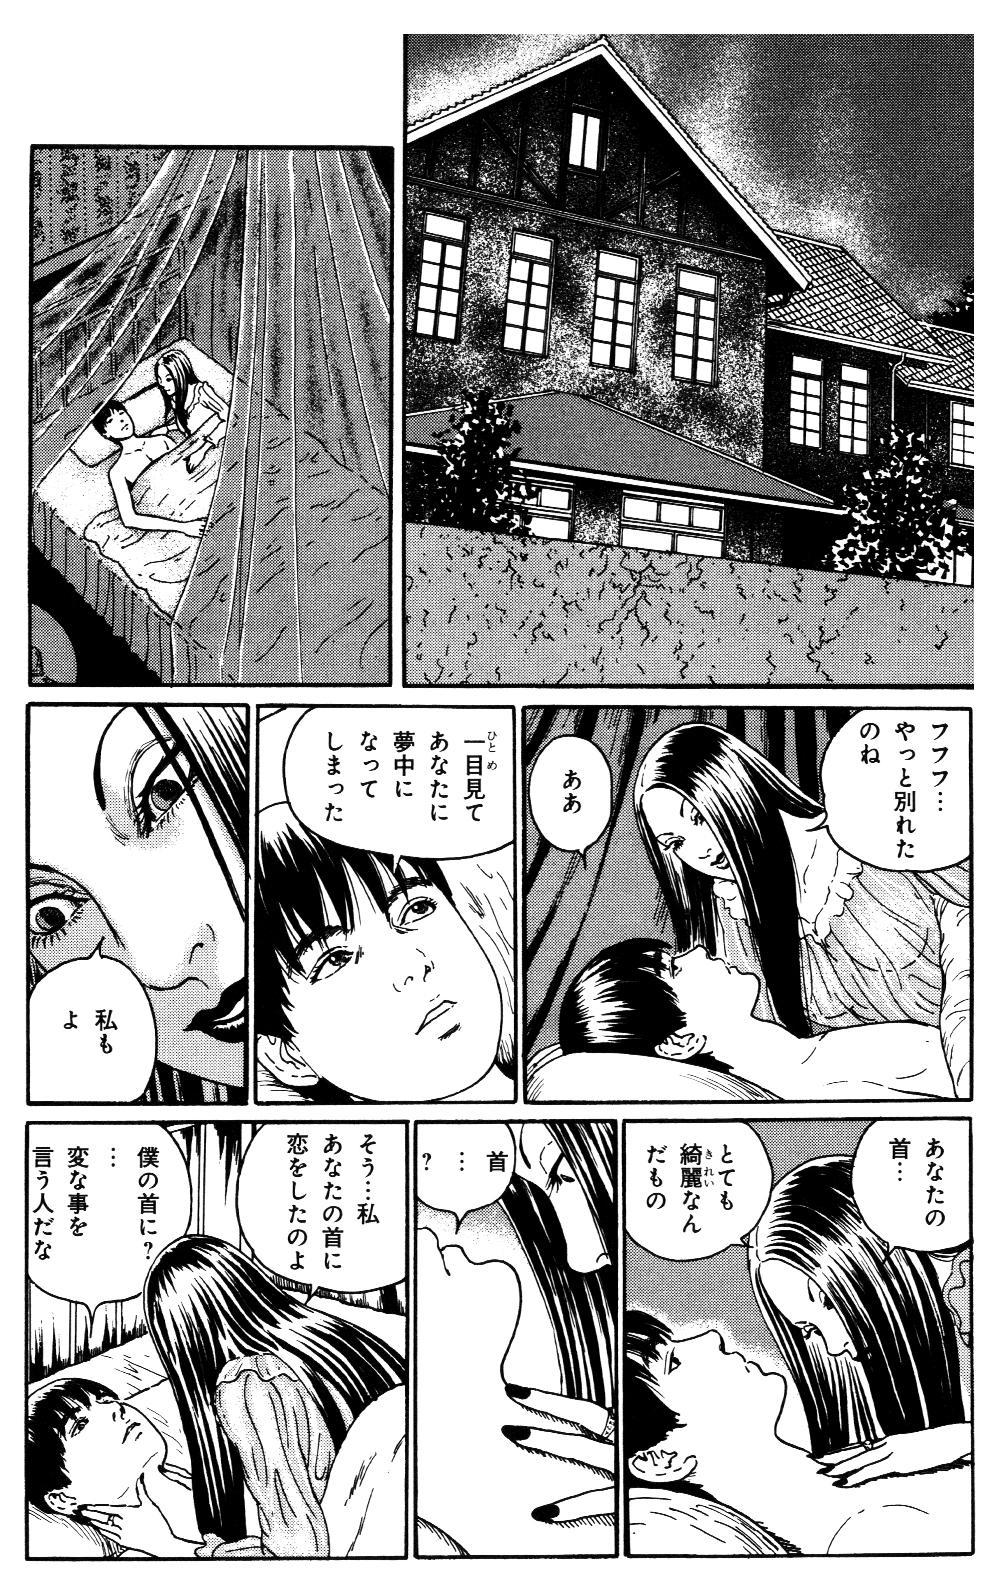 魔の断片 第3話「富夫・赤いハイネック」①jisen05-08.jpg